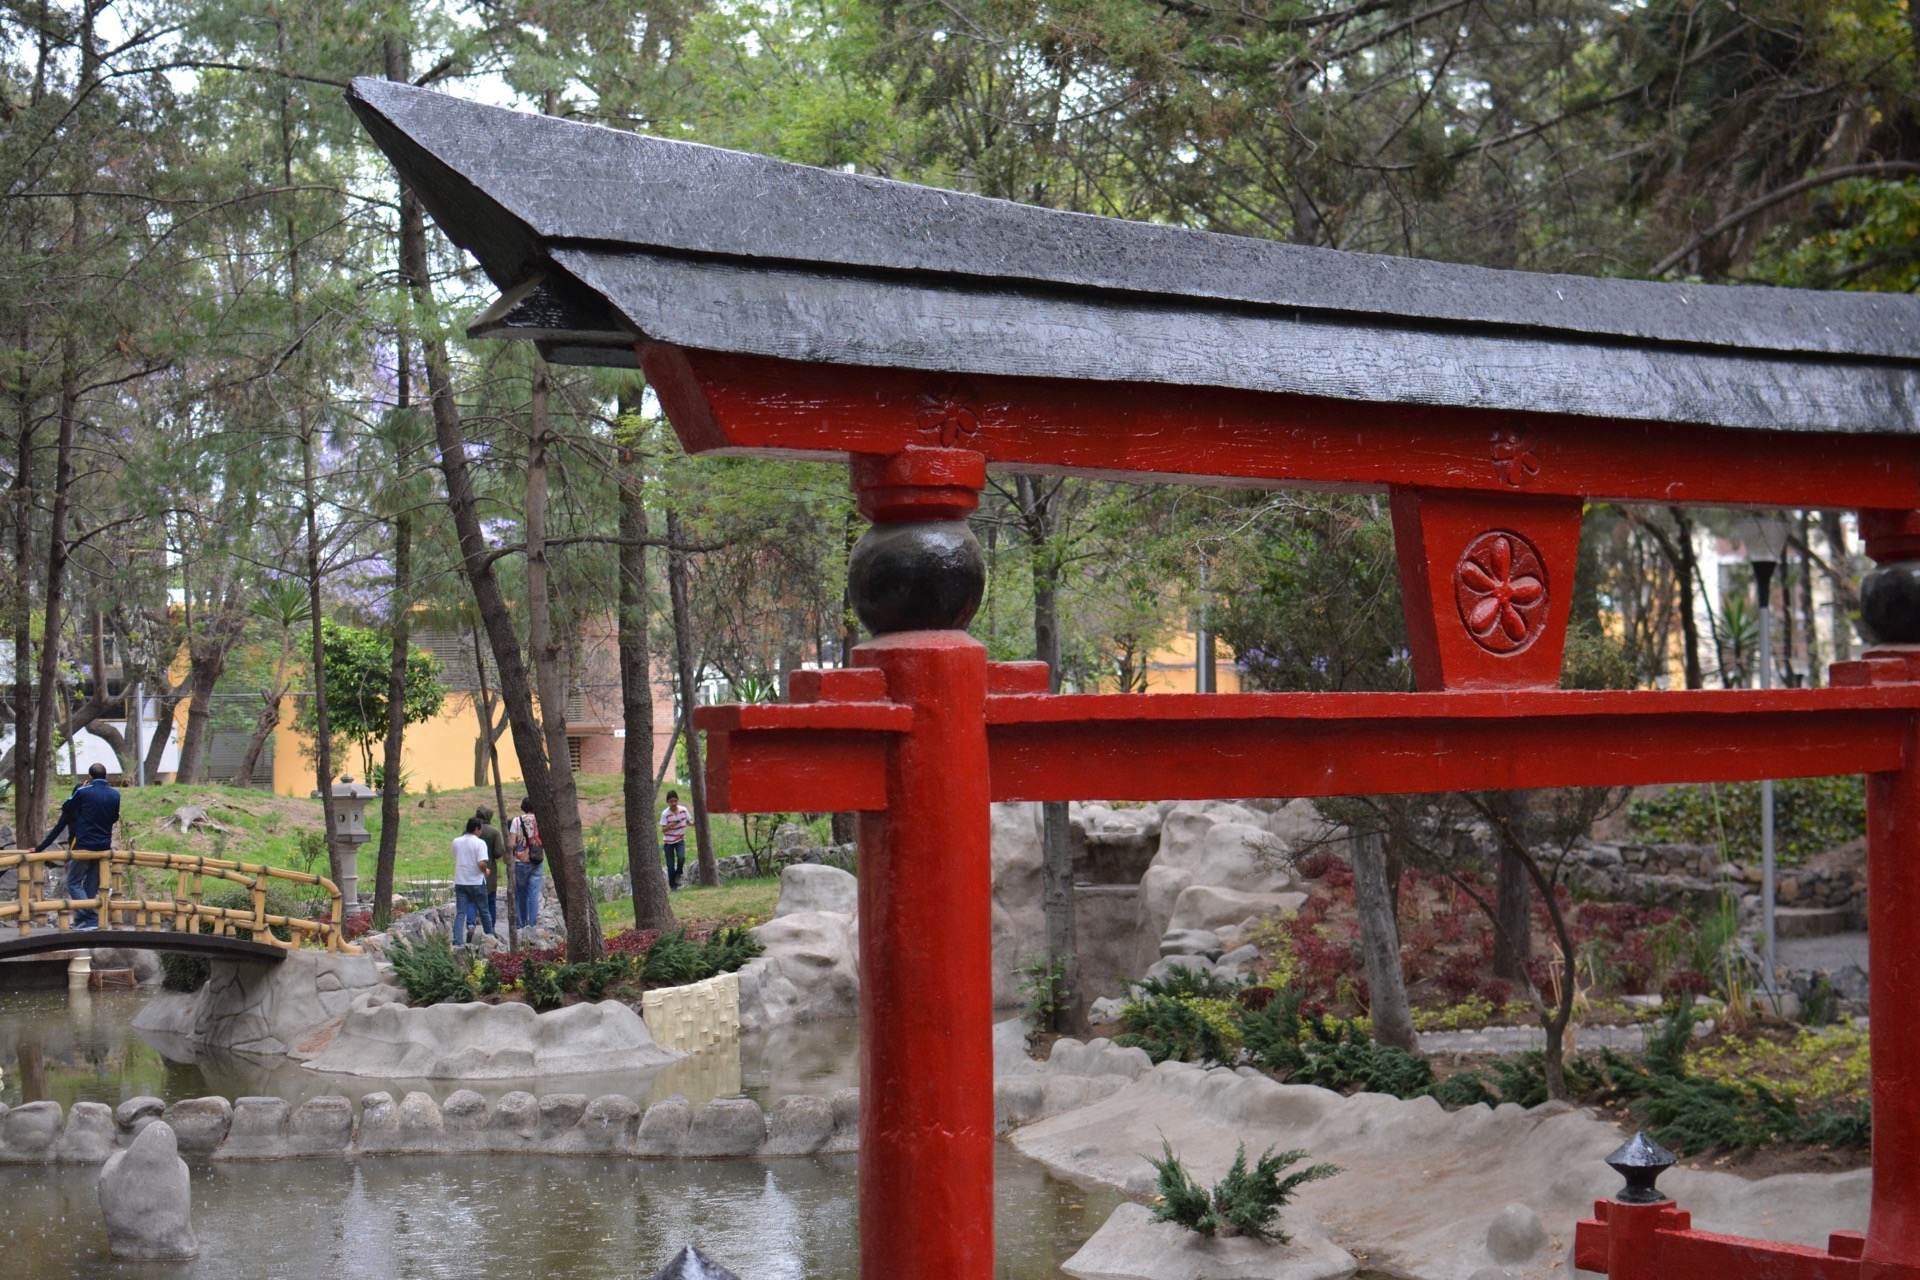 Parque-Masayoshi-Ohira-7